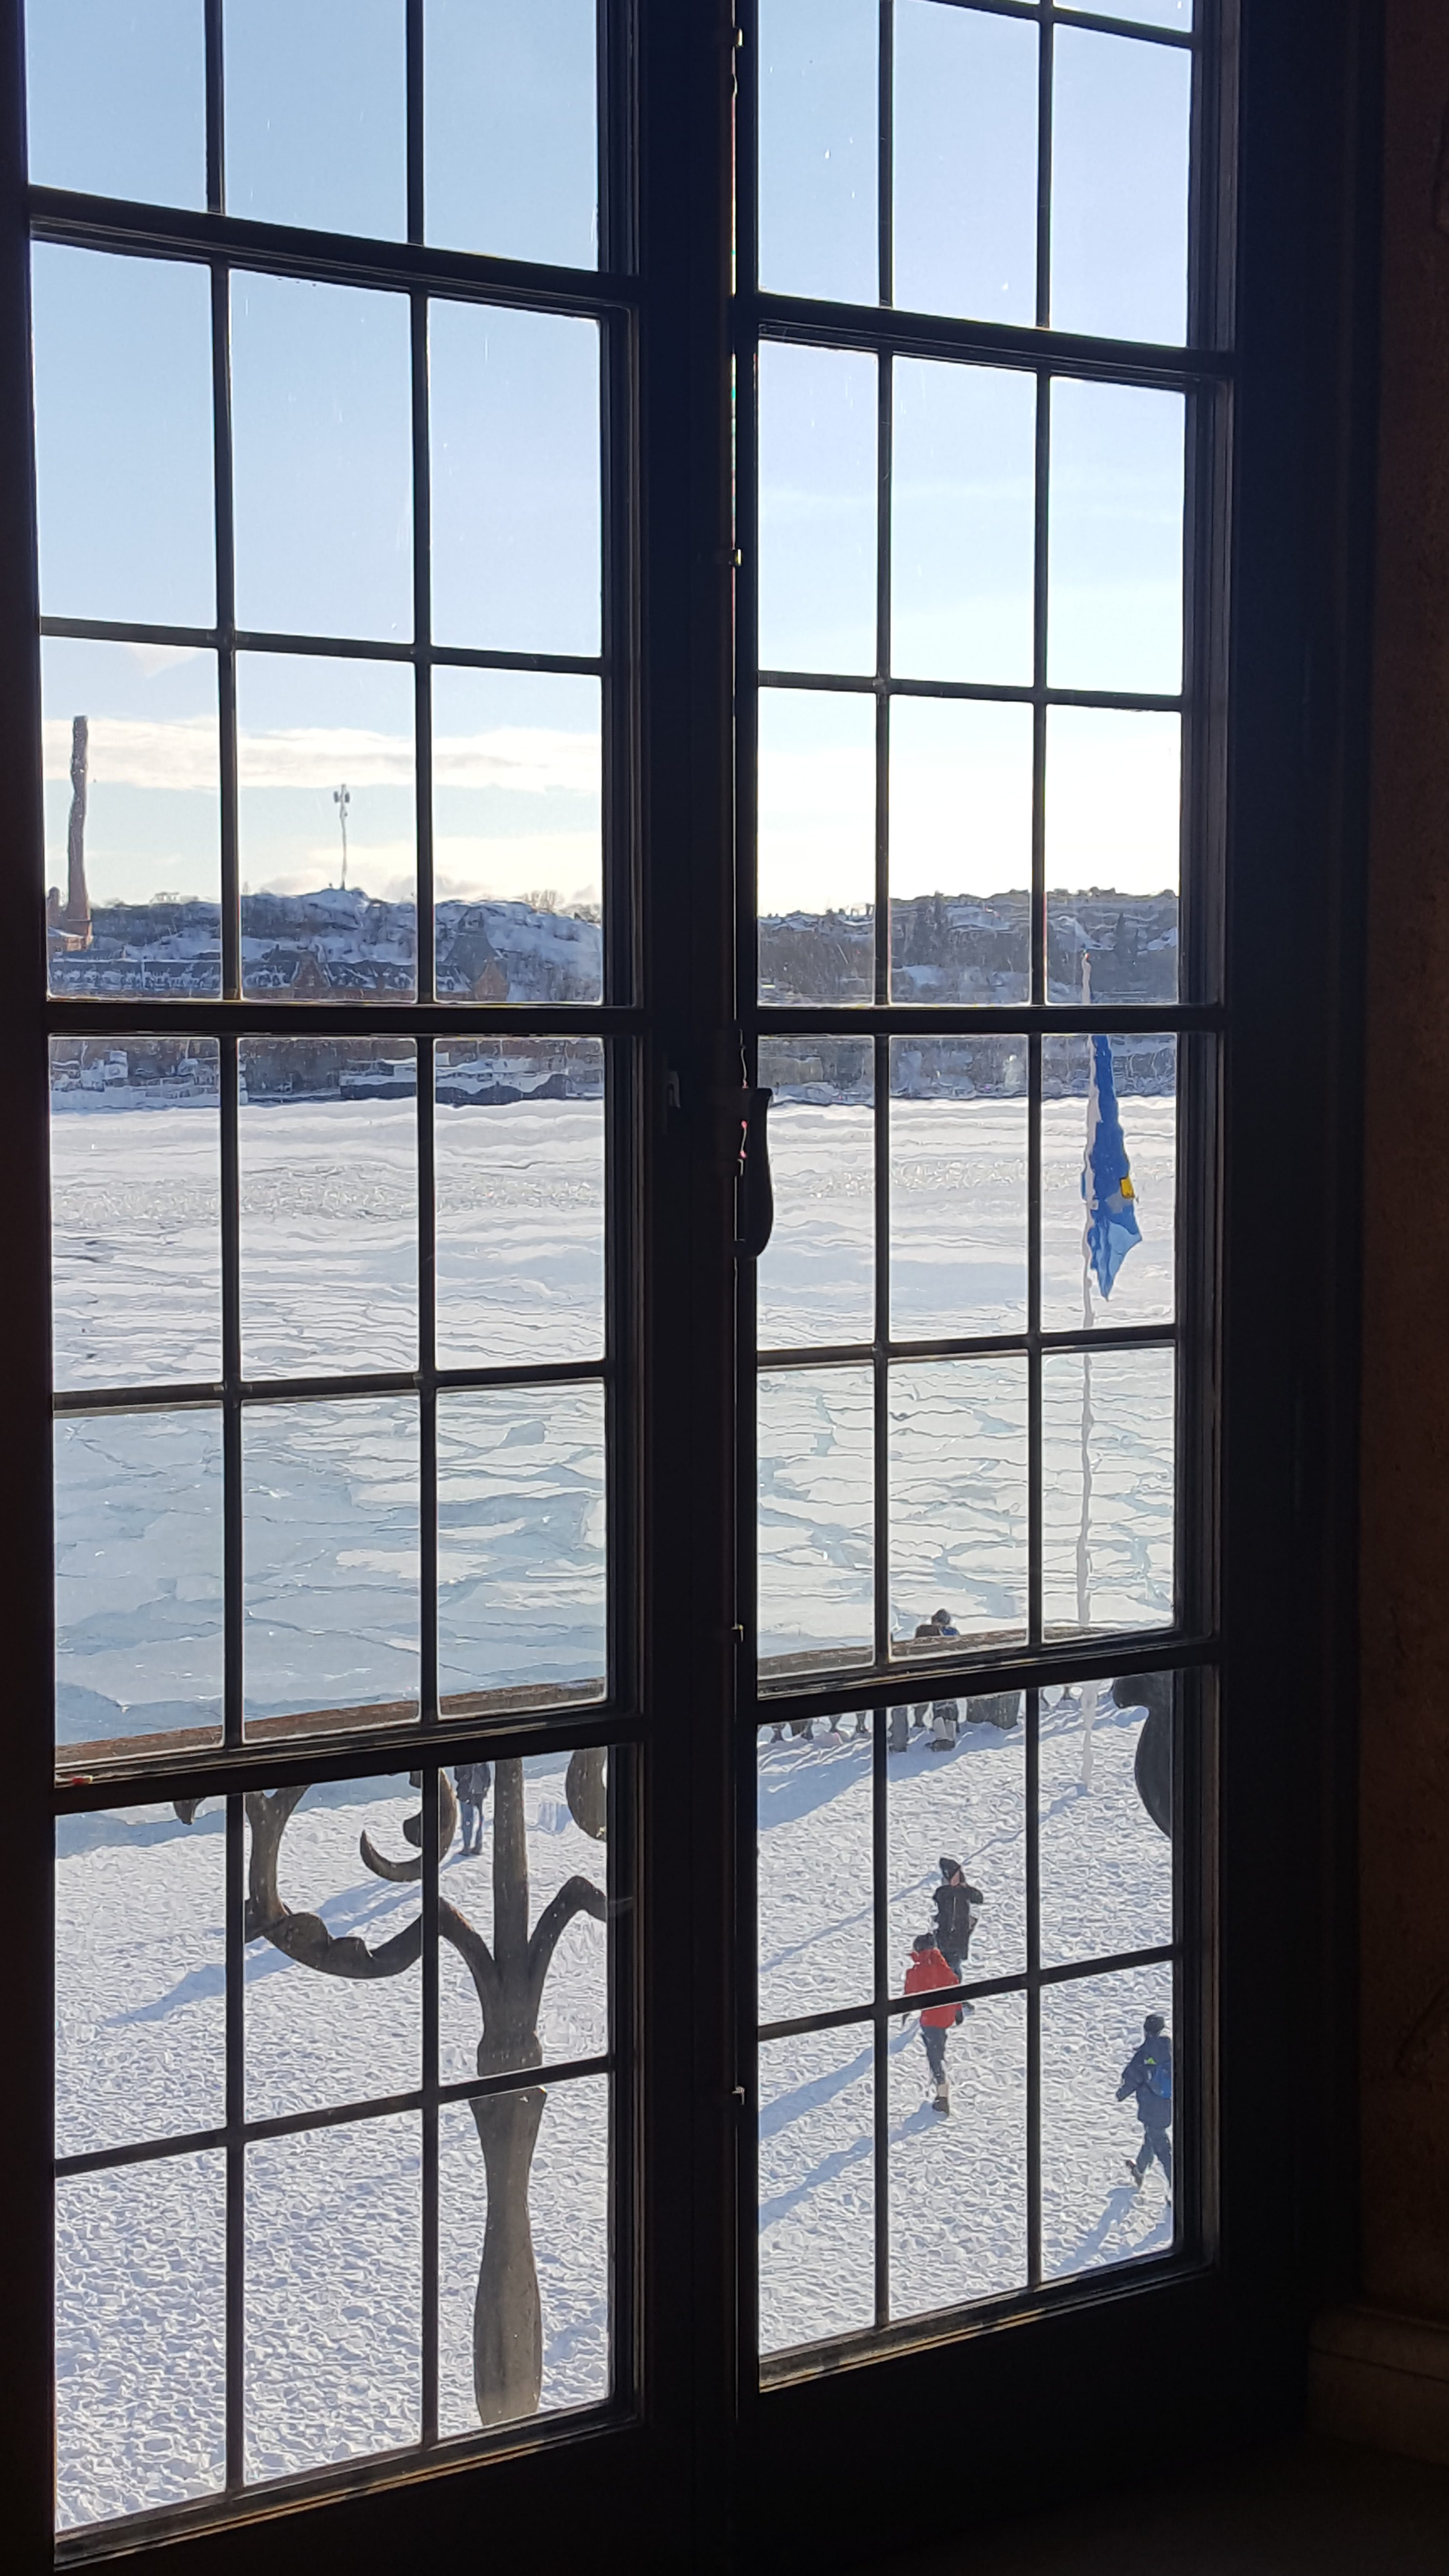 Visit Stockholm in the Winter dontask4salt